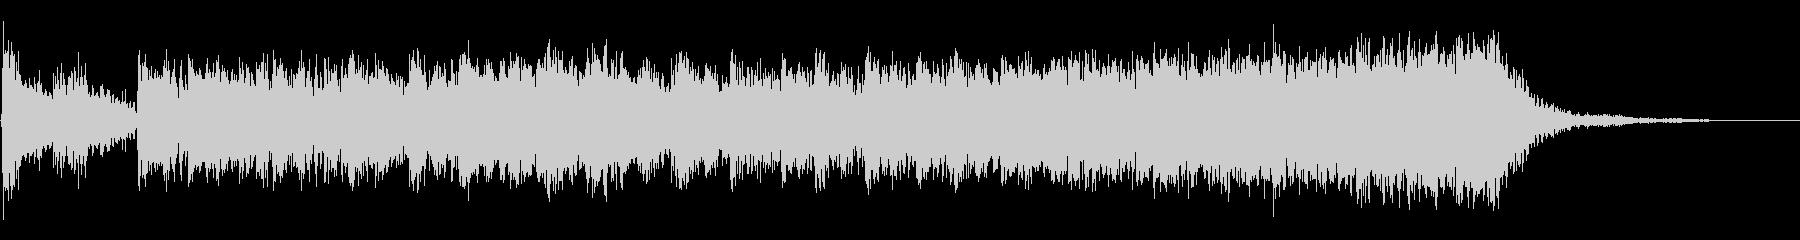 クローズパースートの未再生の波形